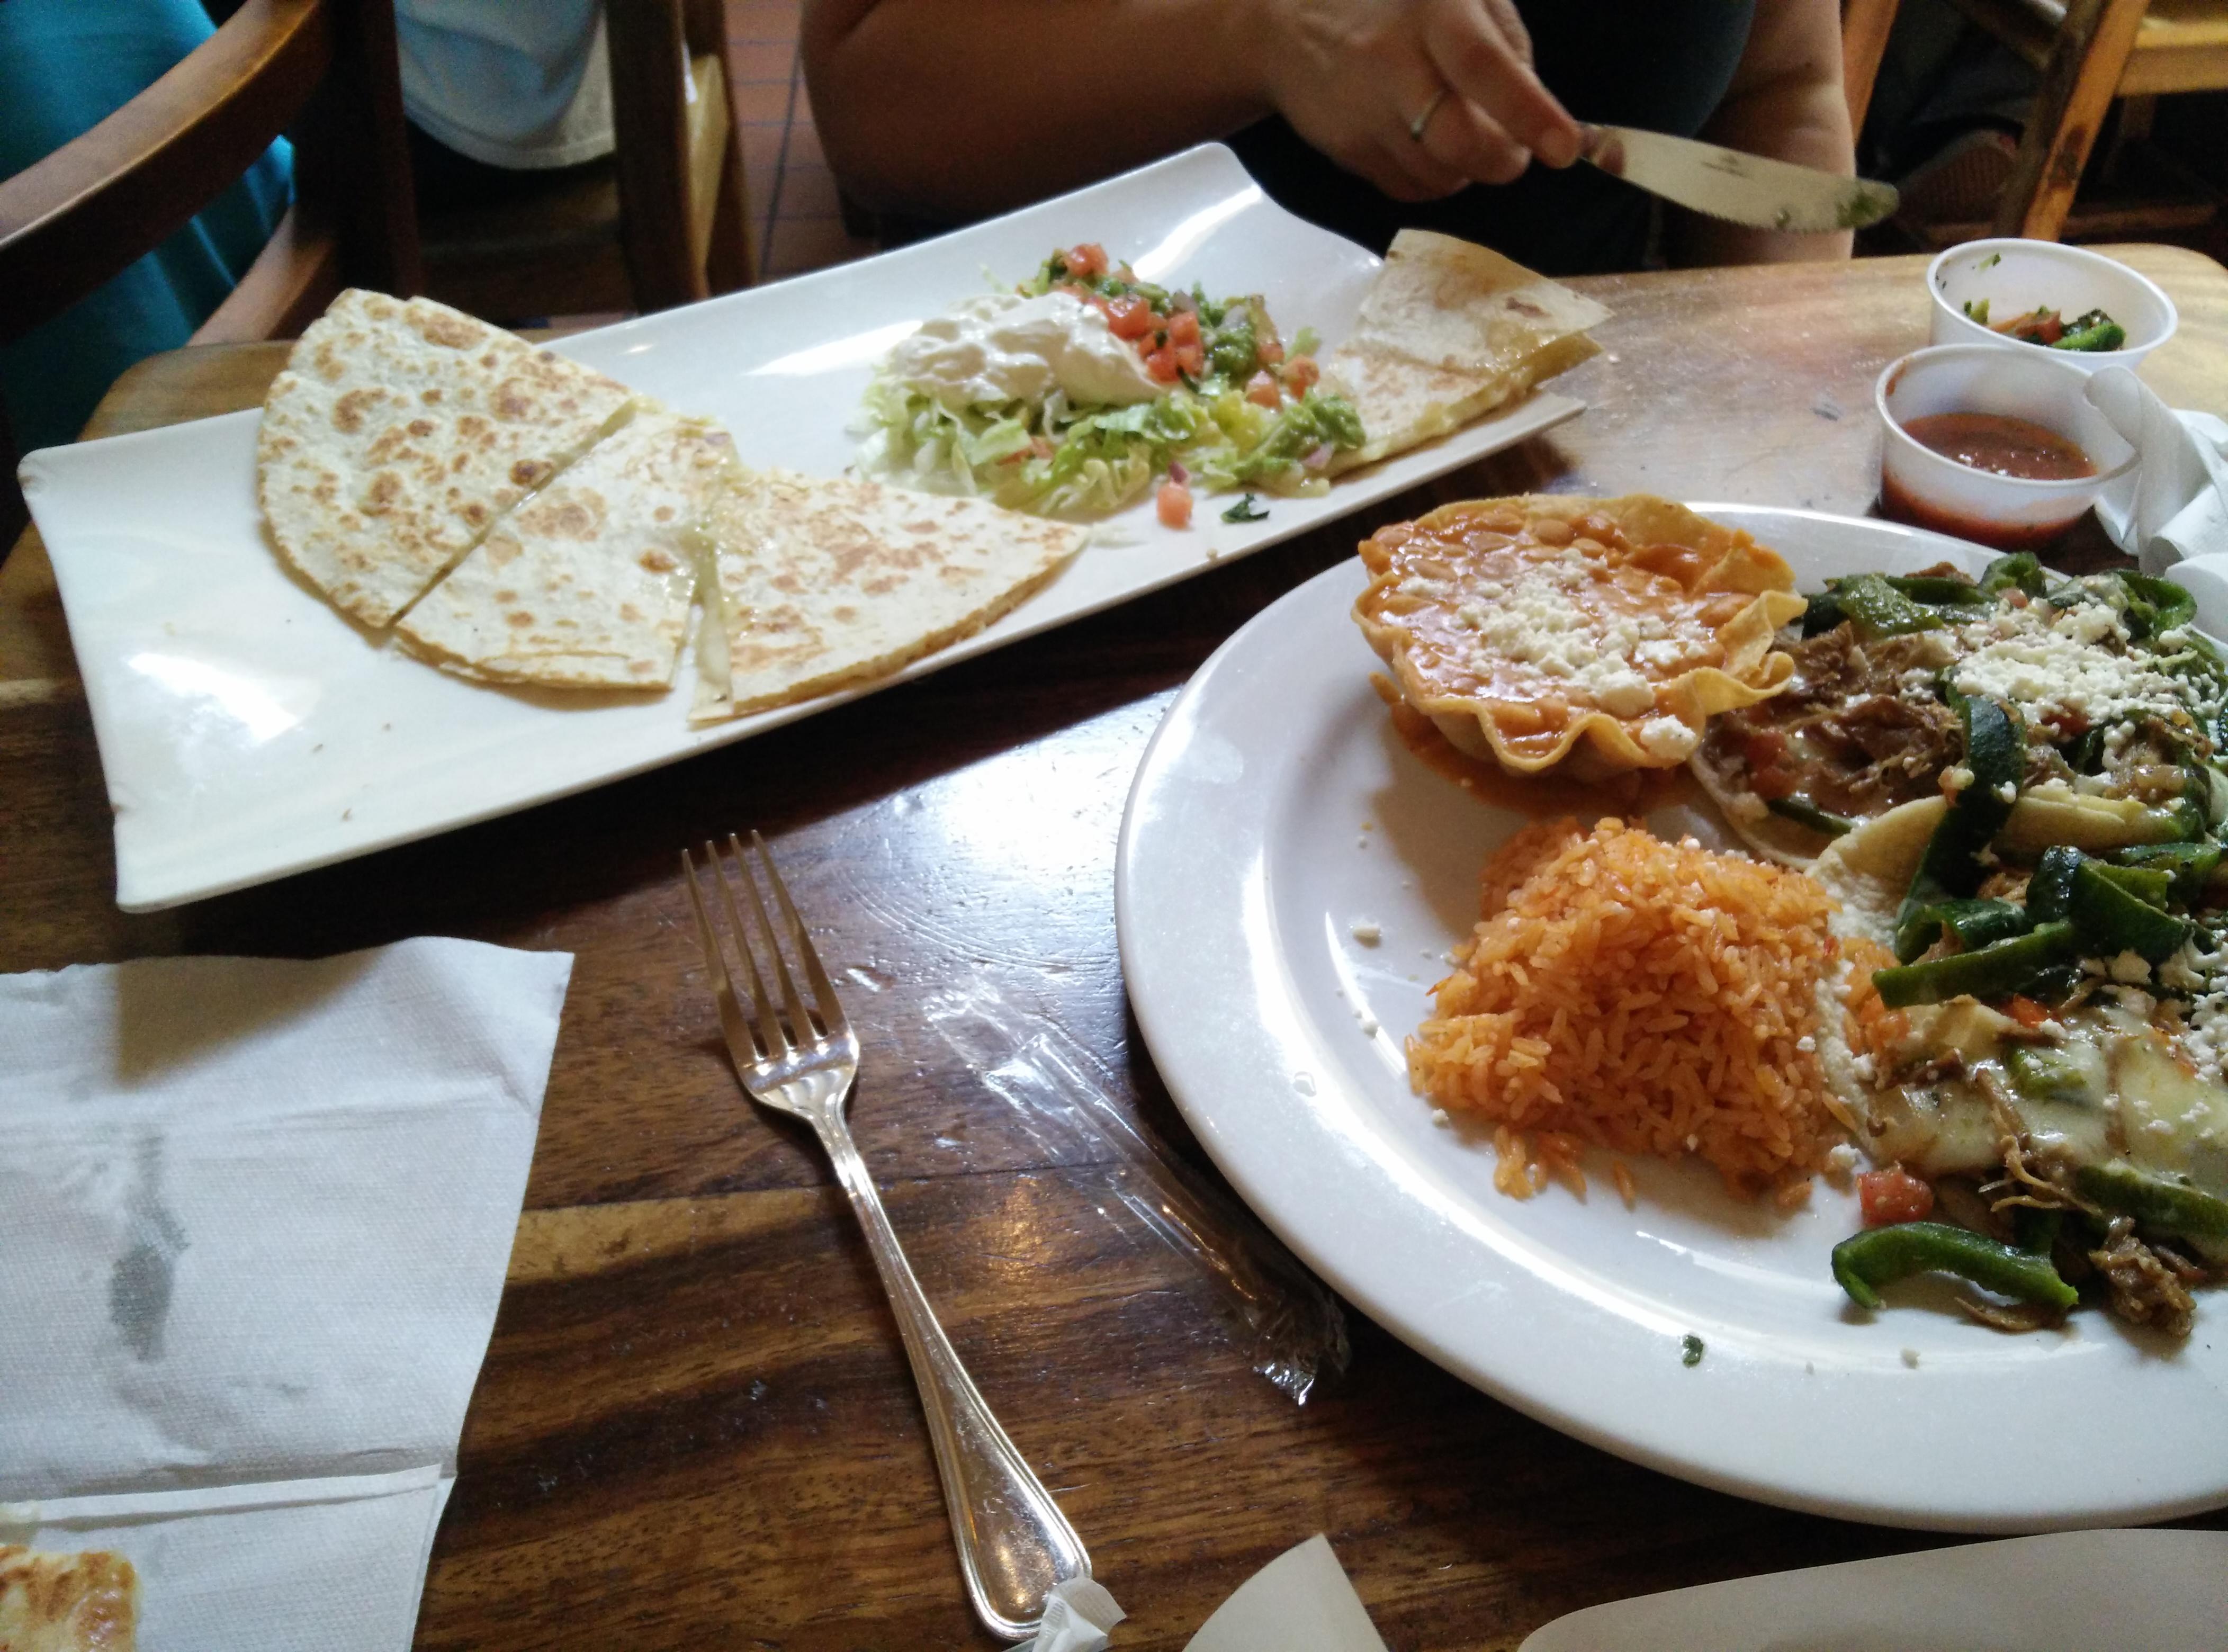 Tacos & Quesedilla